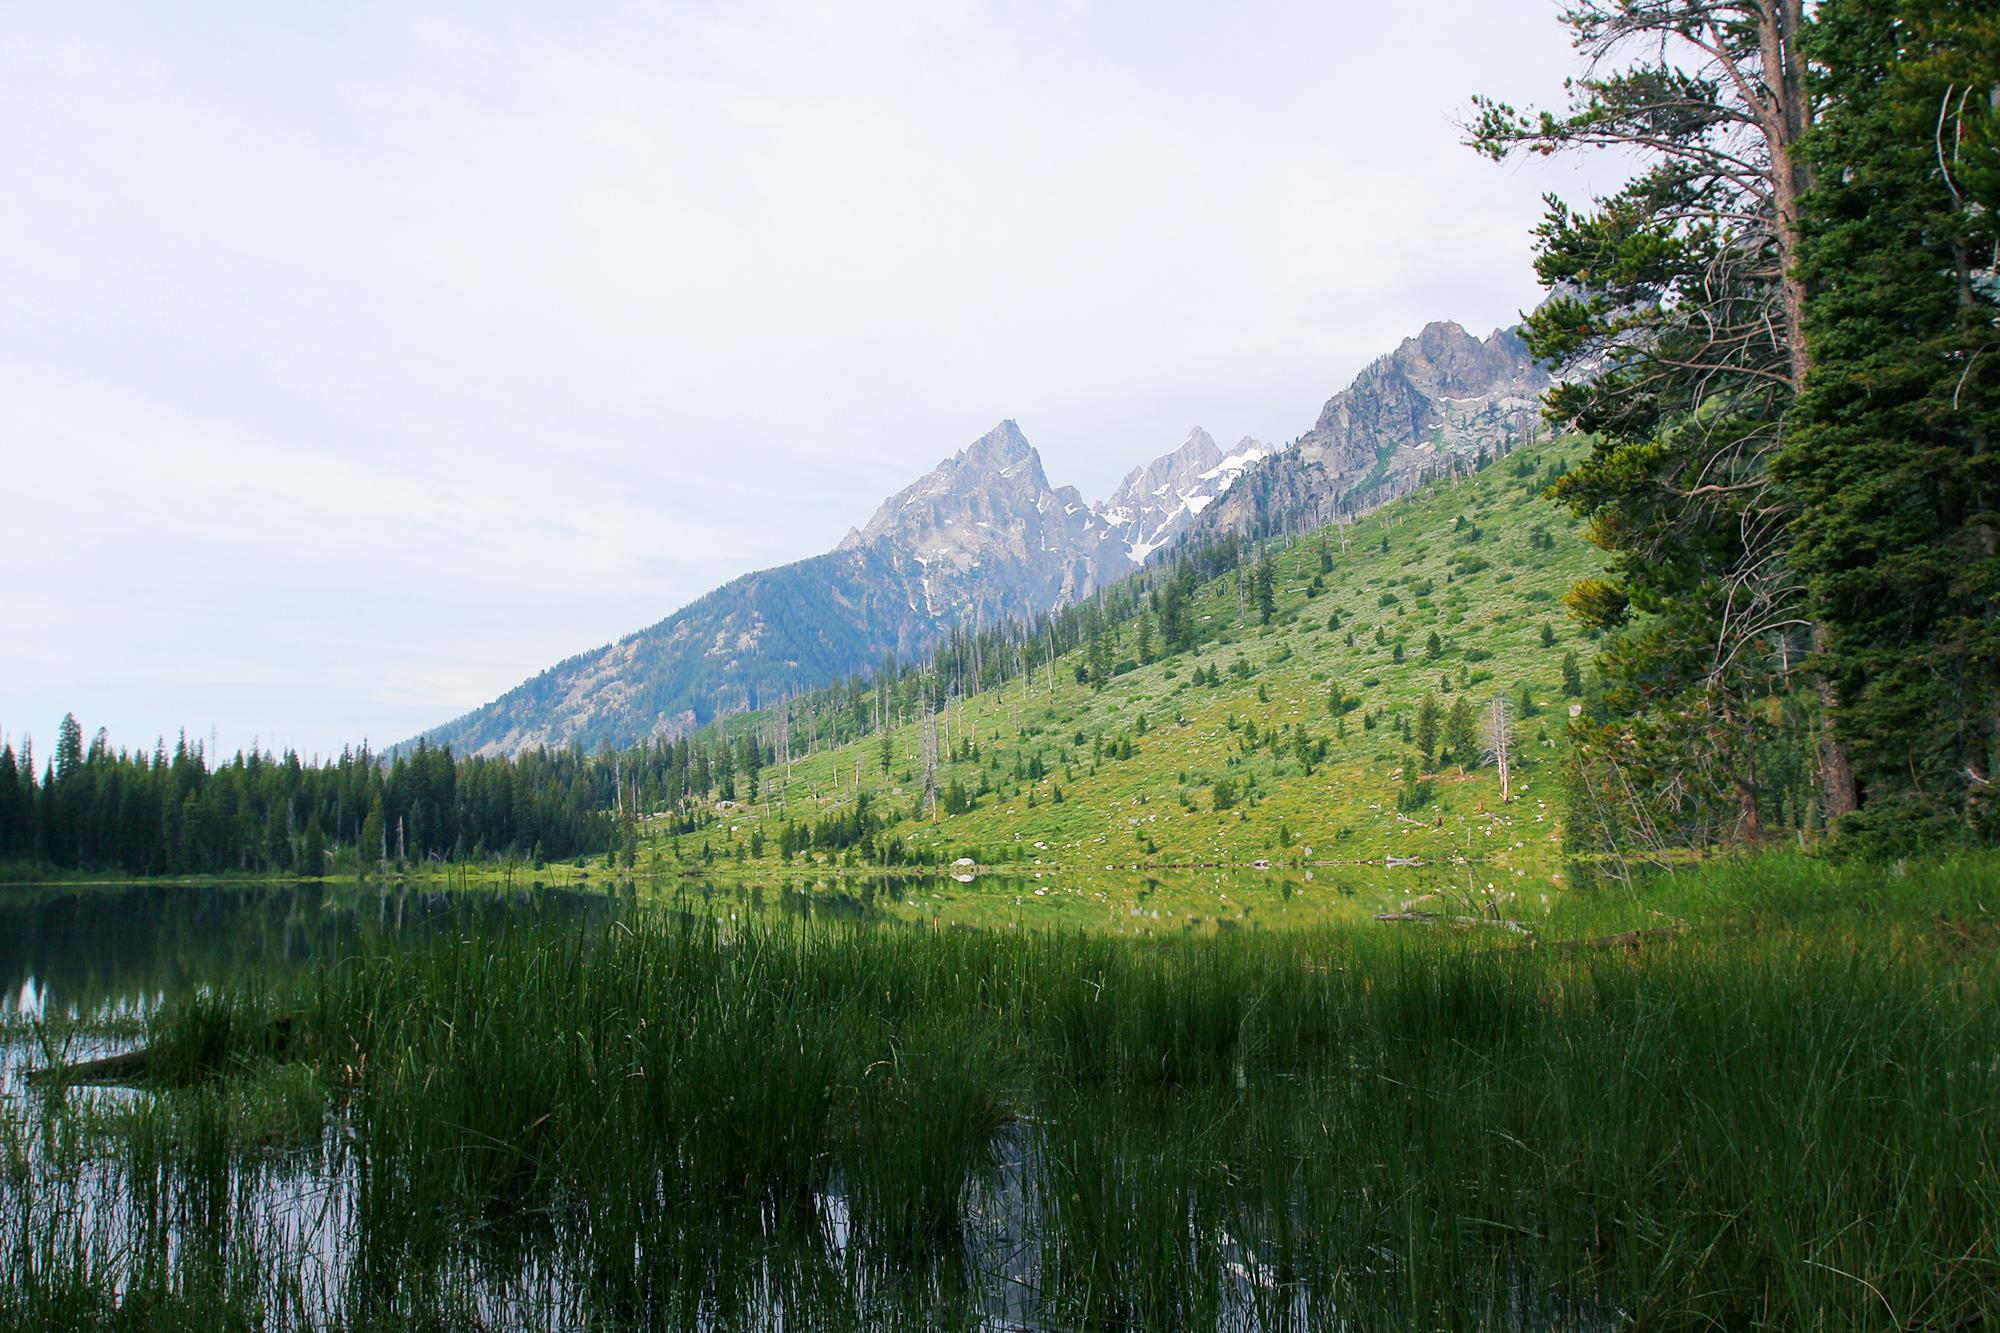 jo-torrijos-states-of-reverie-grand-teton-national-park-string-lake-hike-6.jpg